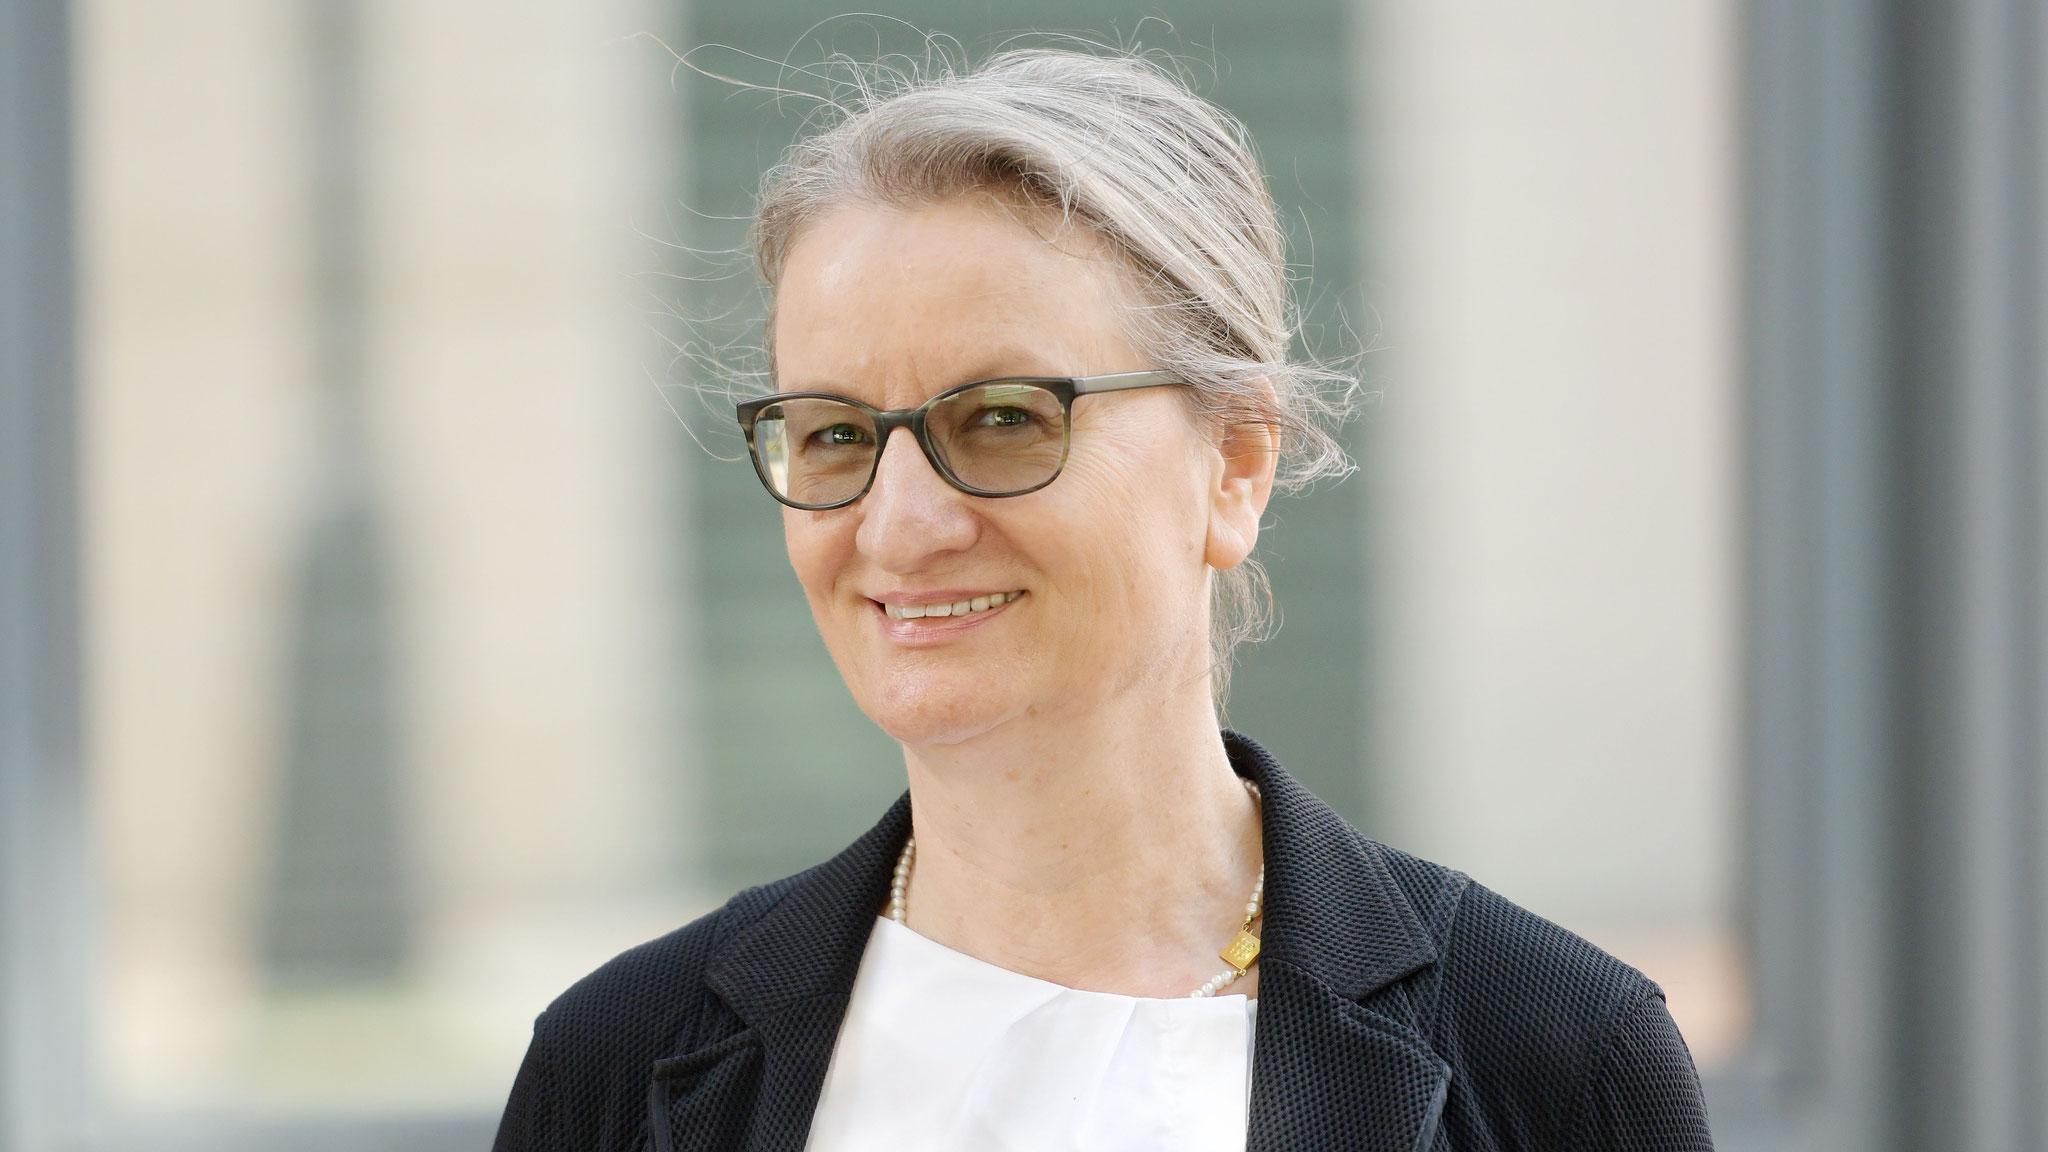 Gabriela von Rönn (1. Vorsitzende)